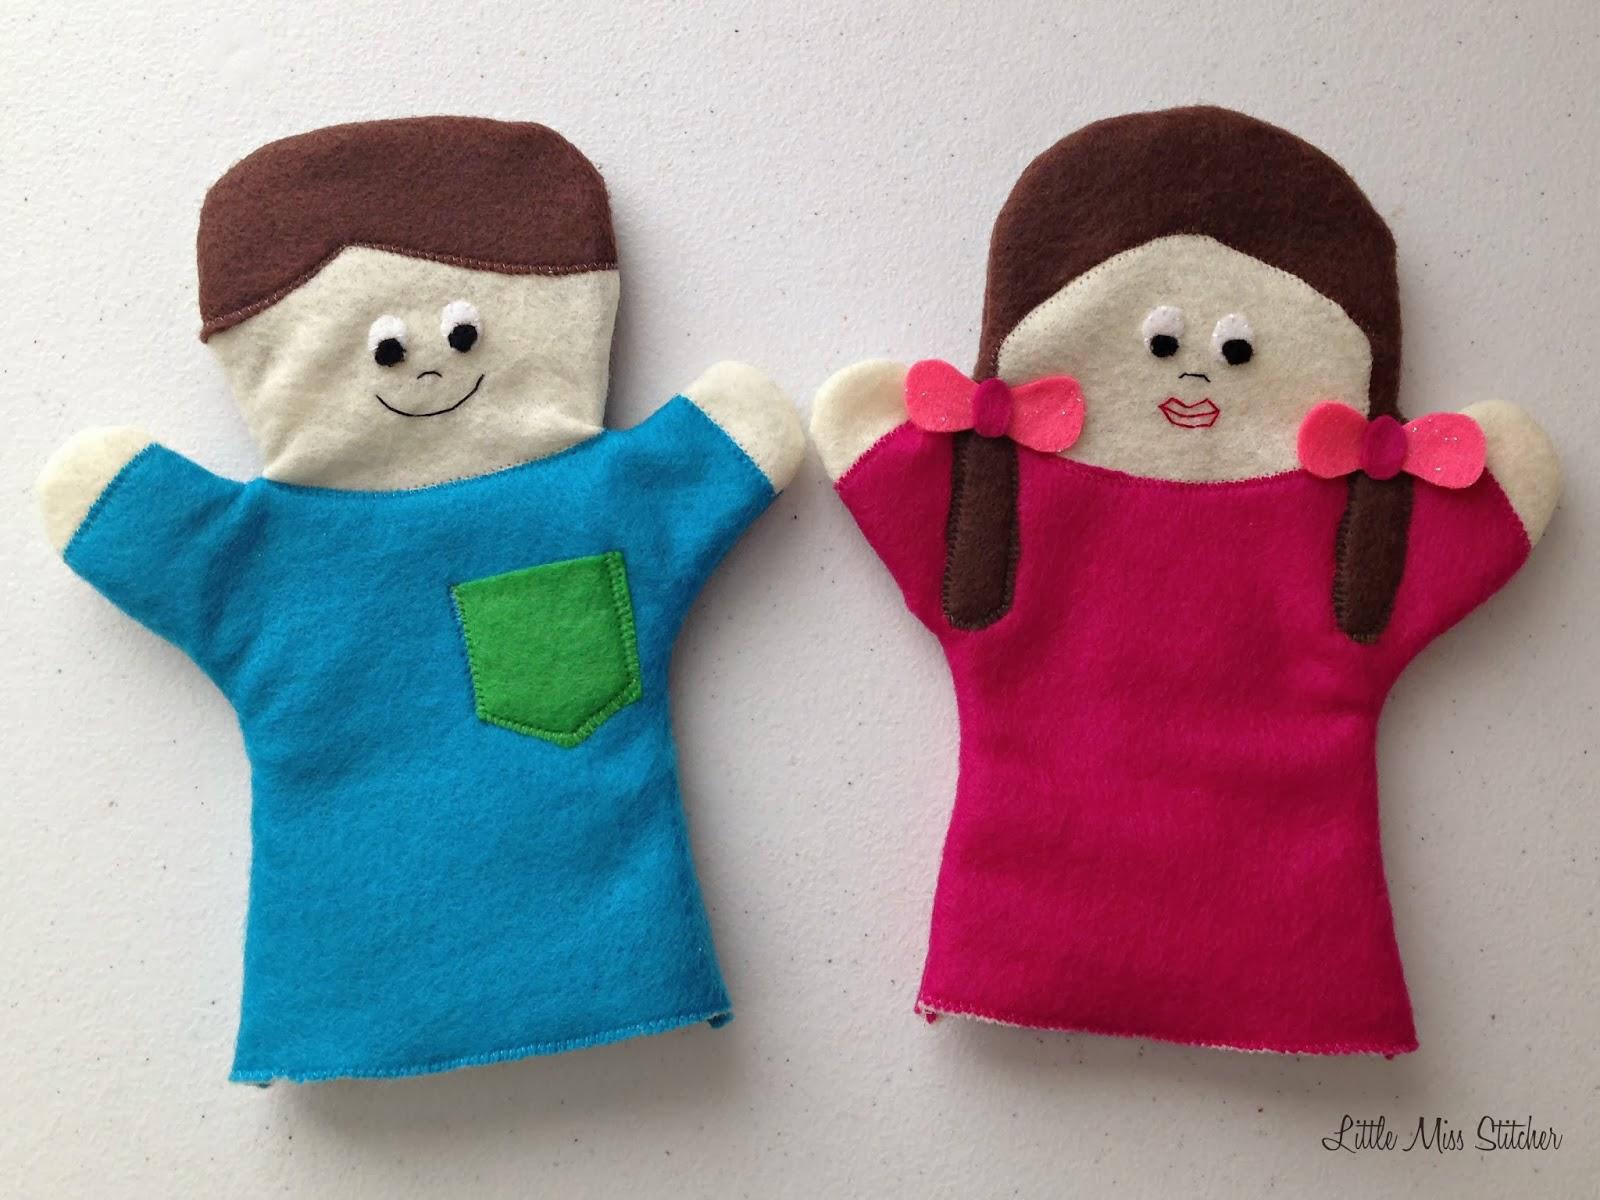 Little Miss Stitcher: DIY Boy and Girl Felt Hand Puppets